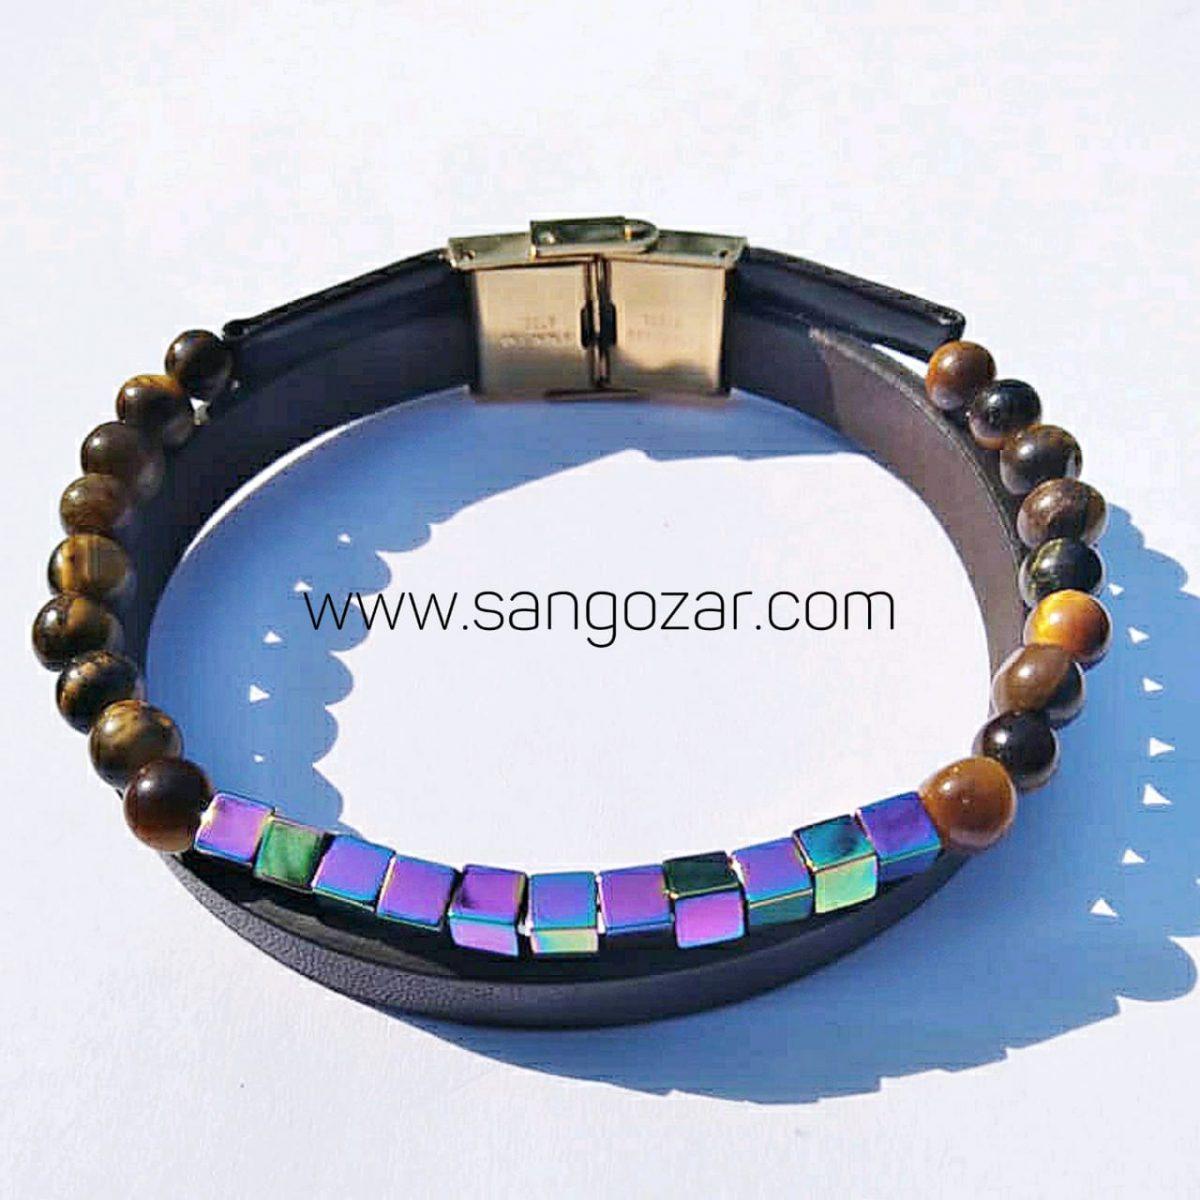 دستبند دو دور چرم و سنگ حدید و سنگ چشم ببر (sz13257)